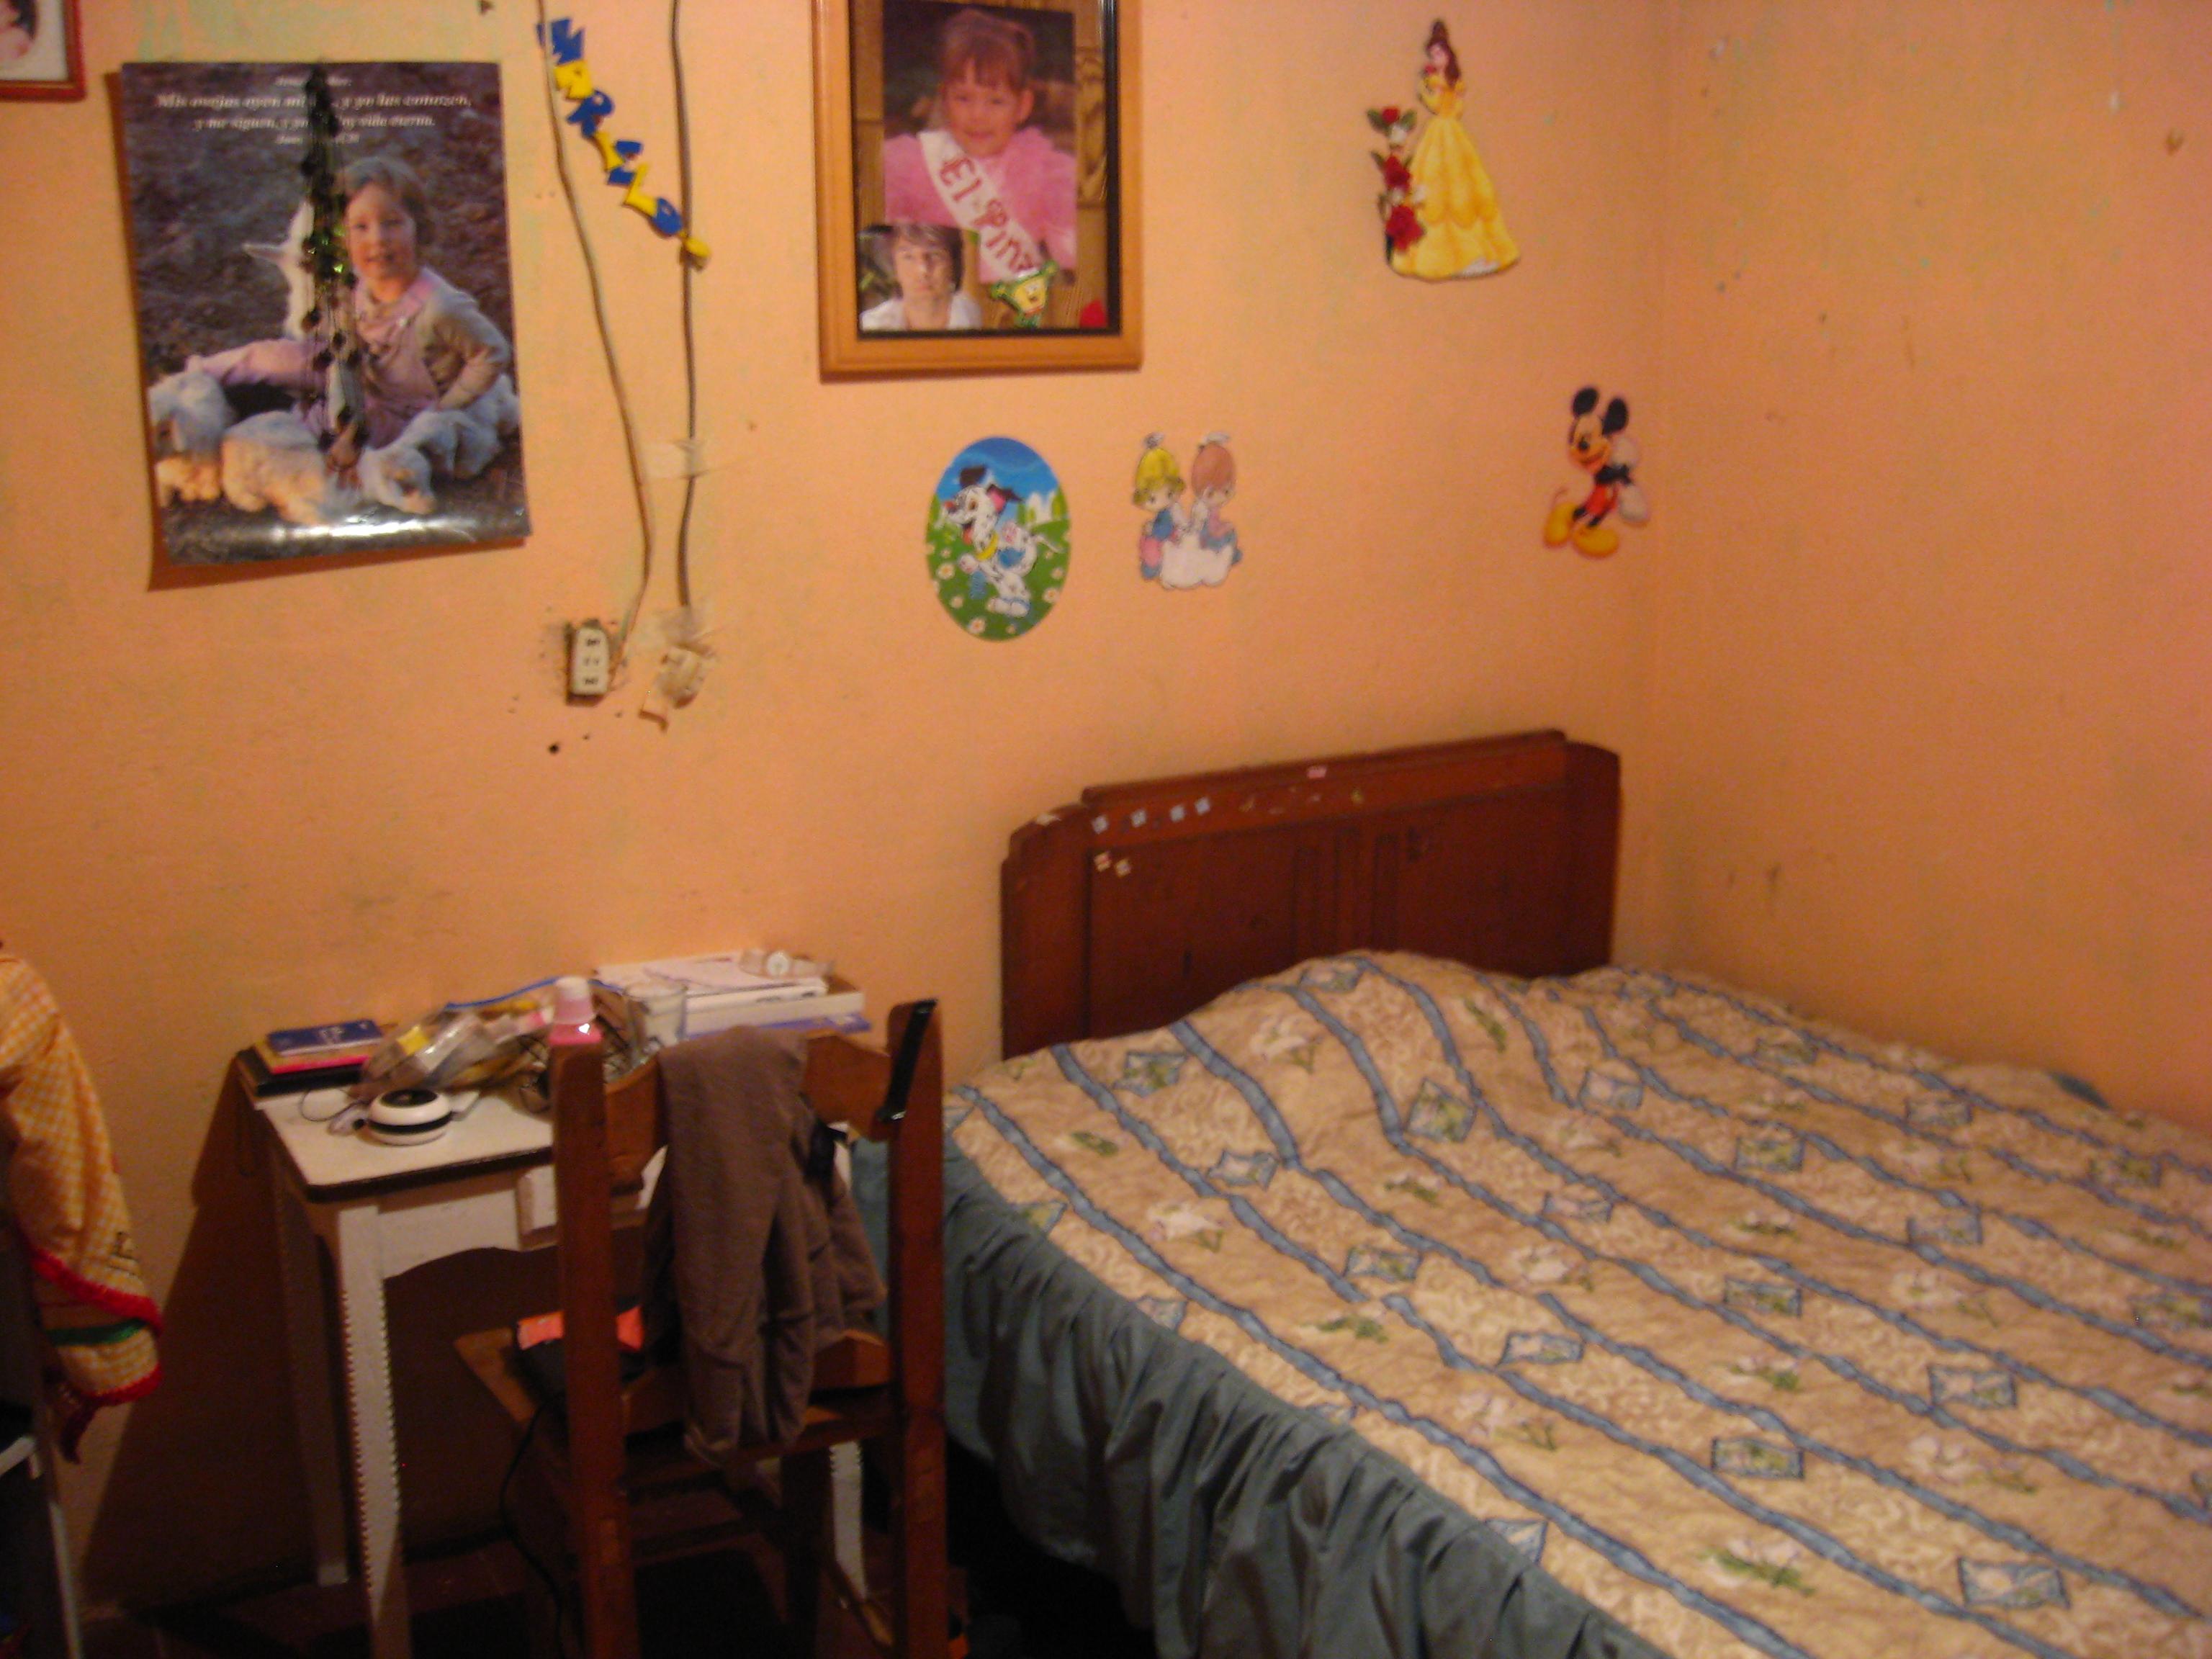 Sarah en Guatemala  Mi viaje de Intercambio  Pgina 10